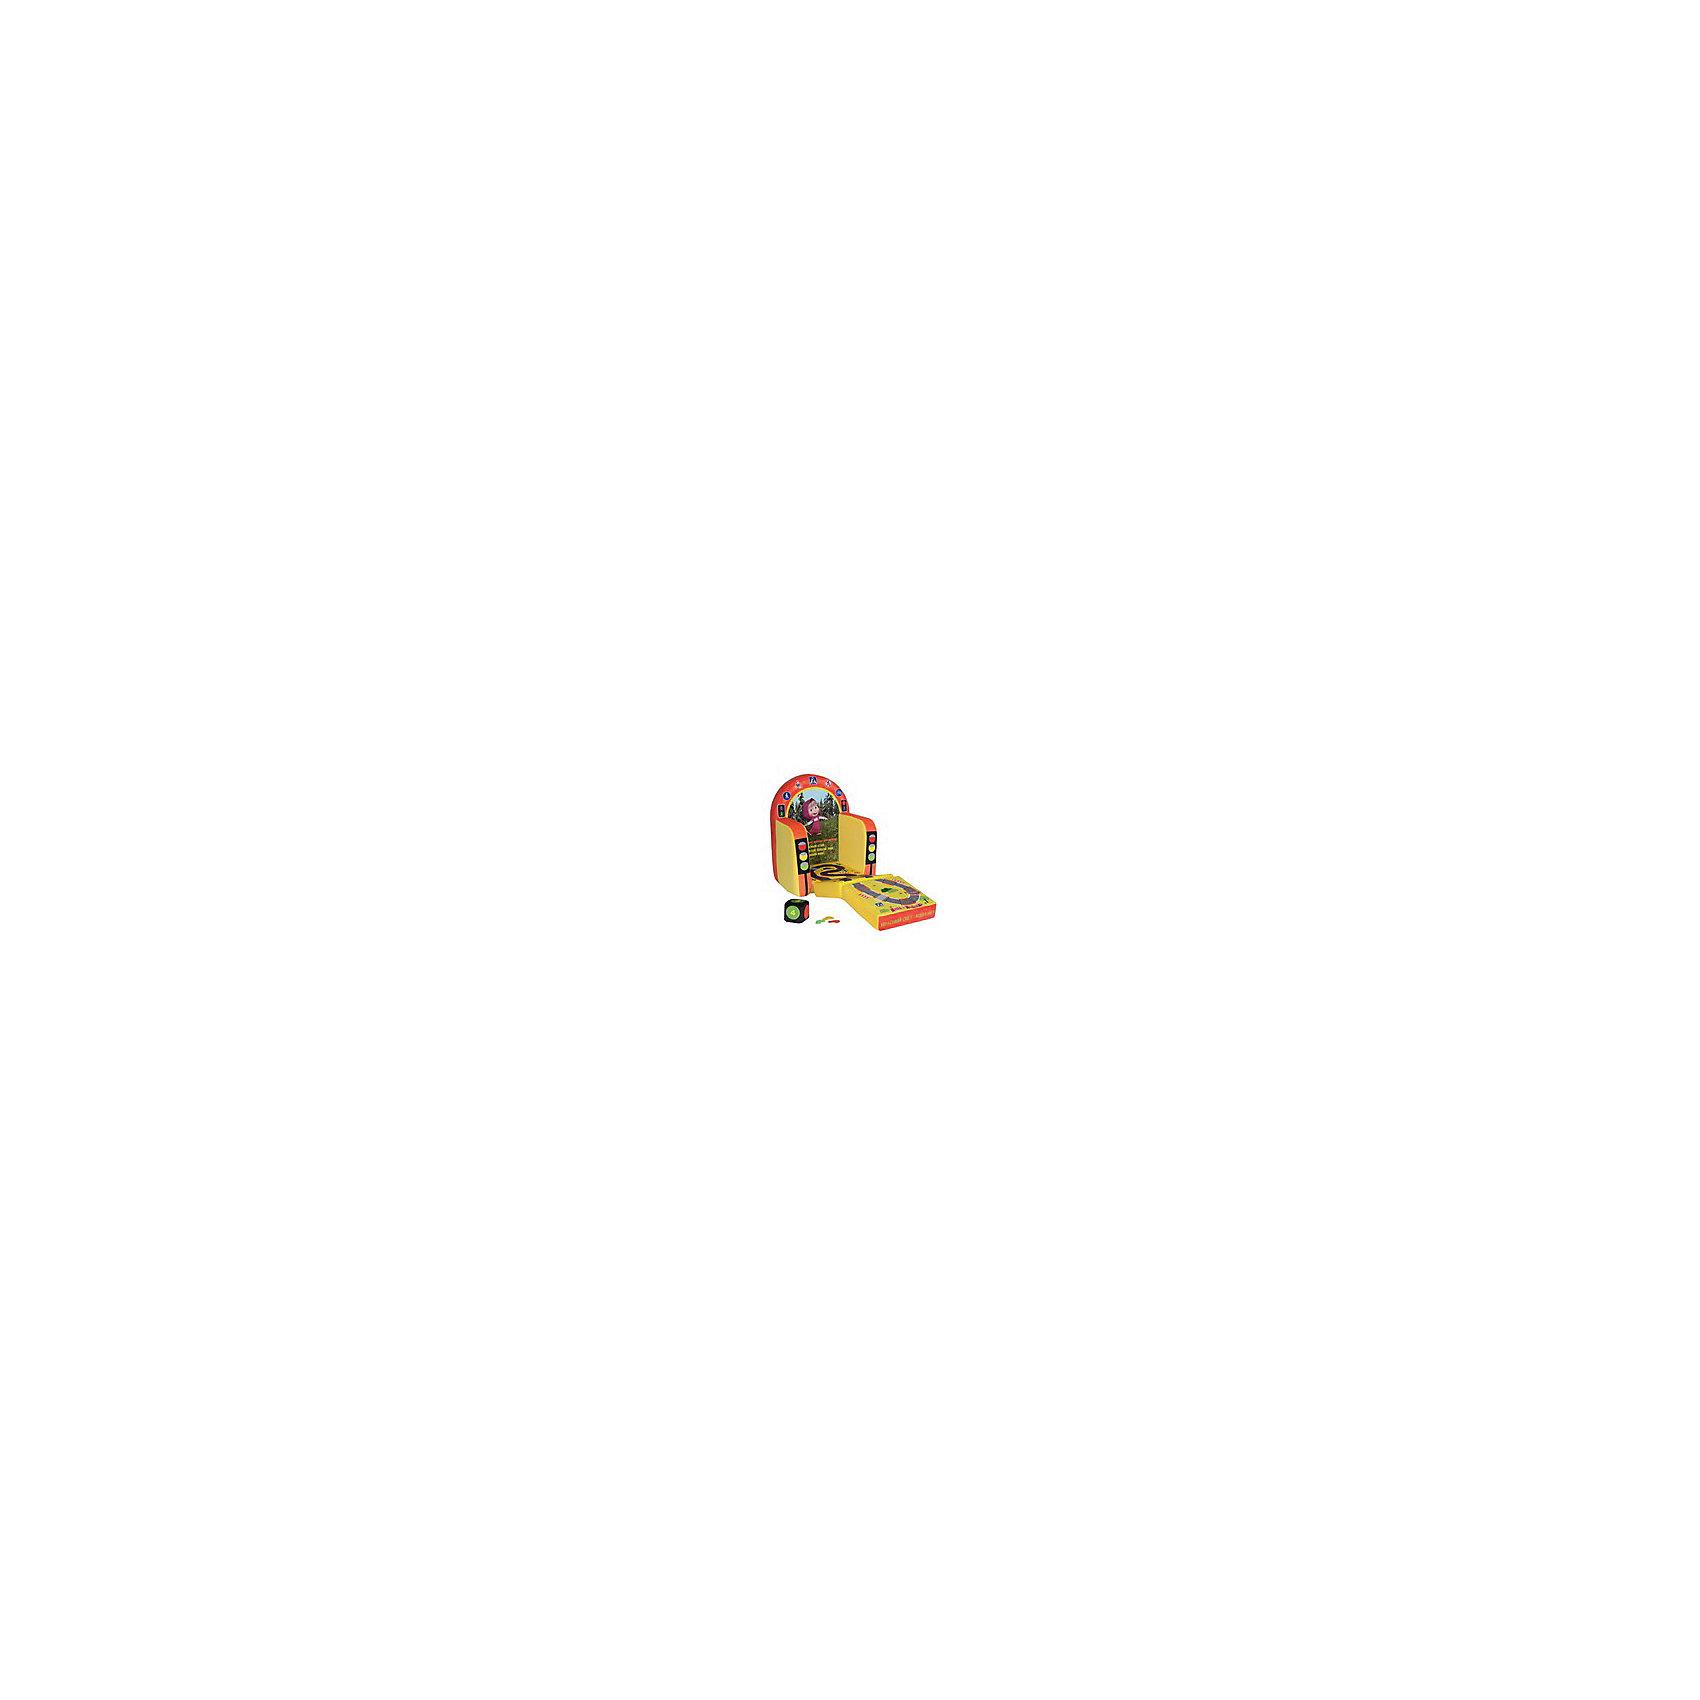 Развивающее кресло Светофор, Маша и МедведьРазвивающее кресло Светофор, Маша и Медведь – это отличный подарок Вашему малышу, ведь это не просто кресло, это настоящий игровой центр!<br>Развивающее кресло Светофор, Маша и Медведь разработано специально для того, чтобы малыши в игровой форме могли выучить правила дорожного движения. Ребенок узнает основные дорожные знаки и усвоит, на какой свет светофора нужно переходить дорогу. Кресло полностью стилизовано под светофор, на нем написаны письменные обозначения его сигналов. Кресло раскладывается, в разложенном виде открывается игровое поле с нарисованной извилистой дорогой, на нем очень интересно играть в машинки и разыгрывать различные ситуации, которые могут случиться с пешеходами и автомобилями. Кроме того, к креслу прилагается квадратная подушка, которую можно использовать как игральный кубик. Кресло очень мягкое. Отсутствие острых углов и жестких вставок делают его комфортным и безопасным для малыша. Кресло устойчивое, благодаря широкой площади соприкосновения с полом.<br><br>Дополнительная информация:<br><br>- Материал: гипоаллергенный поролон, искусственный мех<br>- Цвет: желтый, красный, зеленый<br>- Размер: 43 х 53 х 34 см.<br>- Вес: 1,16 кг.<br><br>Развивающее кресло Светофор, Маша и Медведь можно купить в нашем интернет-магазине.<br><br>Ширина мм: 360<br>Глубина мм: 420<br>Высота мм: 530<br>Вес г: 1160<br>Возраст от месяцев: 36<br>Возраст до месяцев: 84<br>Пол: Унисекс<br>Возраст: Детский<br>SKU: 4026263